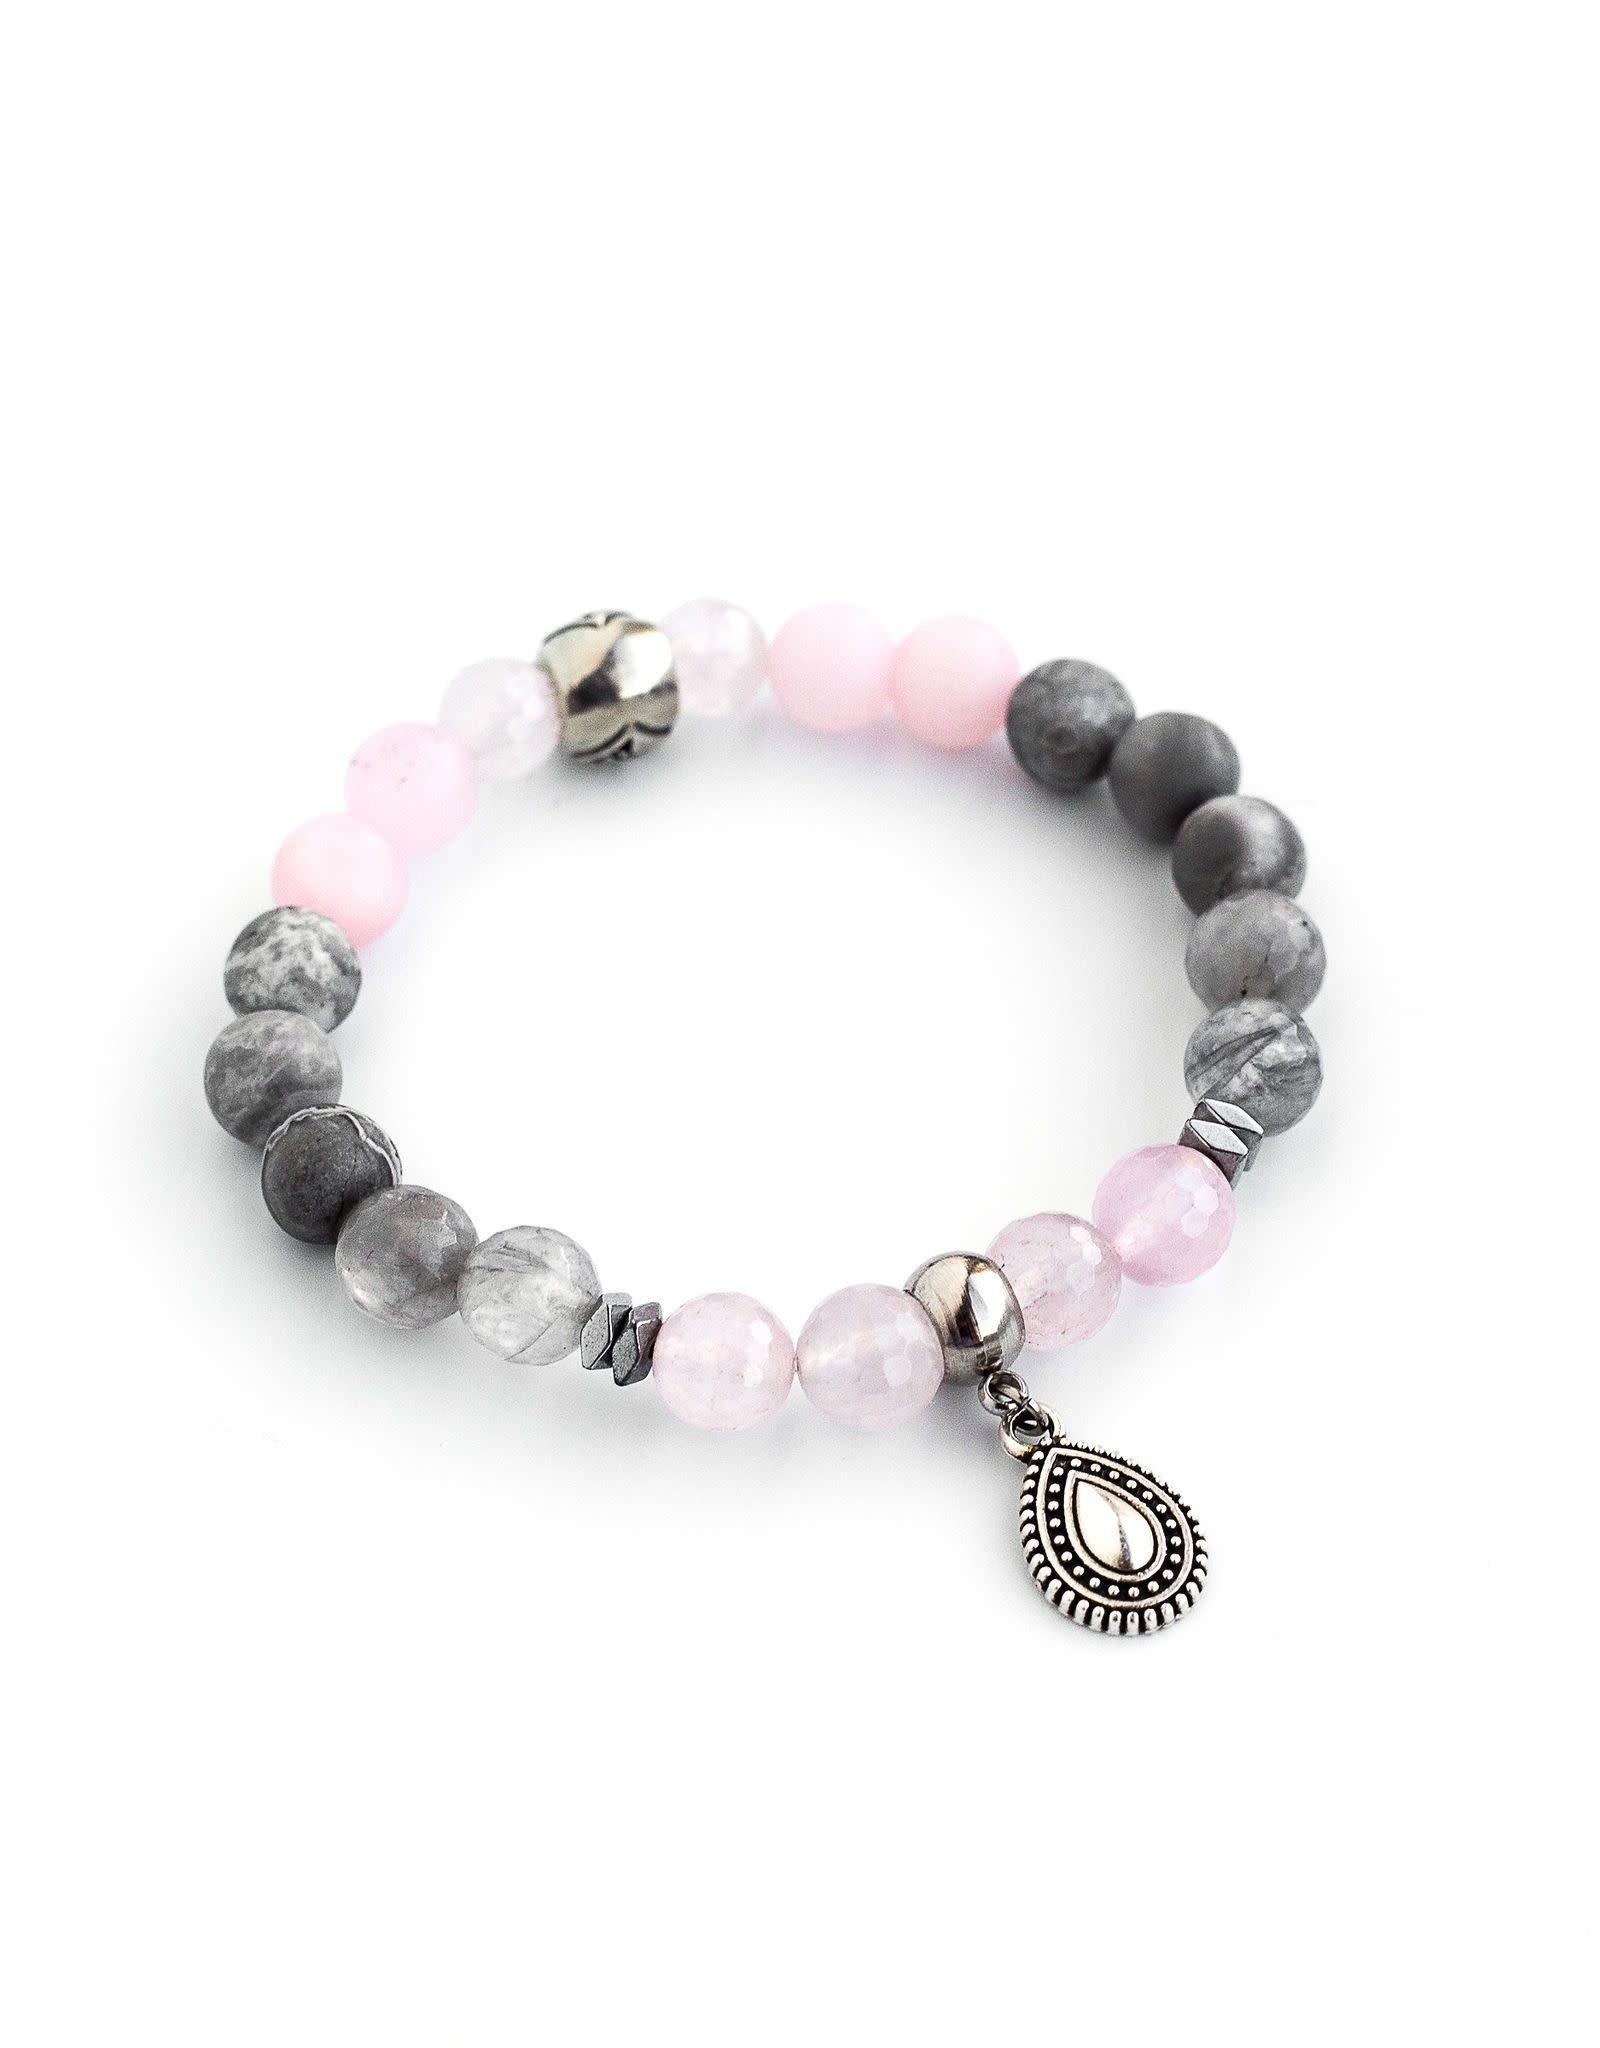 Bijoux Sophistikate Bracelet en pierre semi-précieuse - Laure